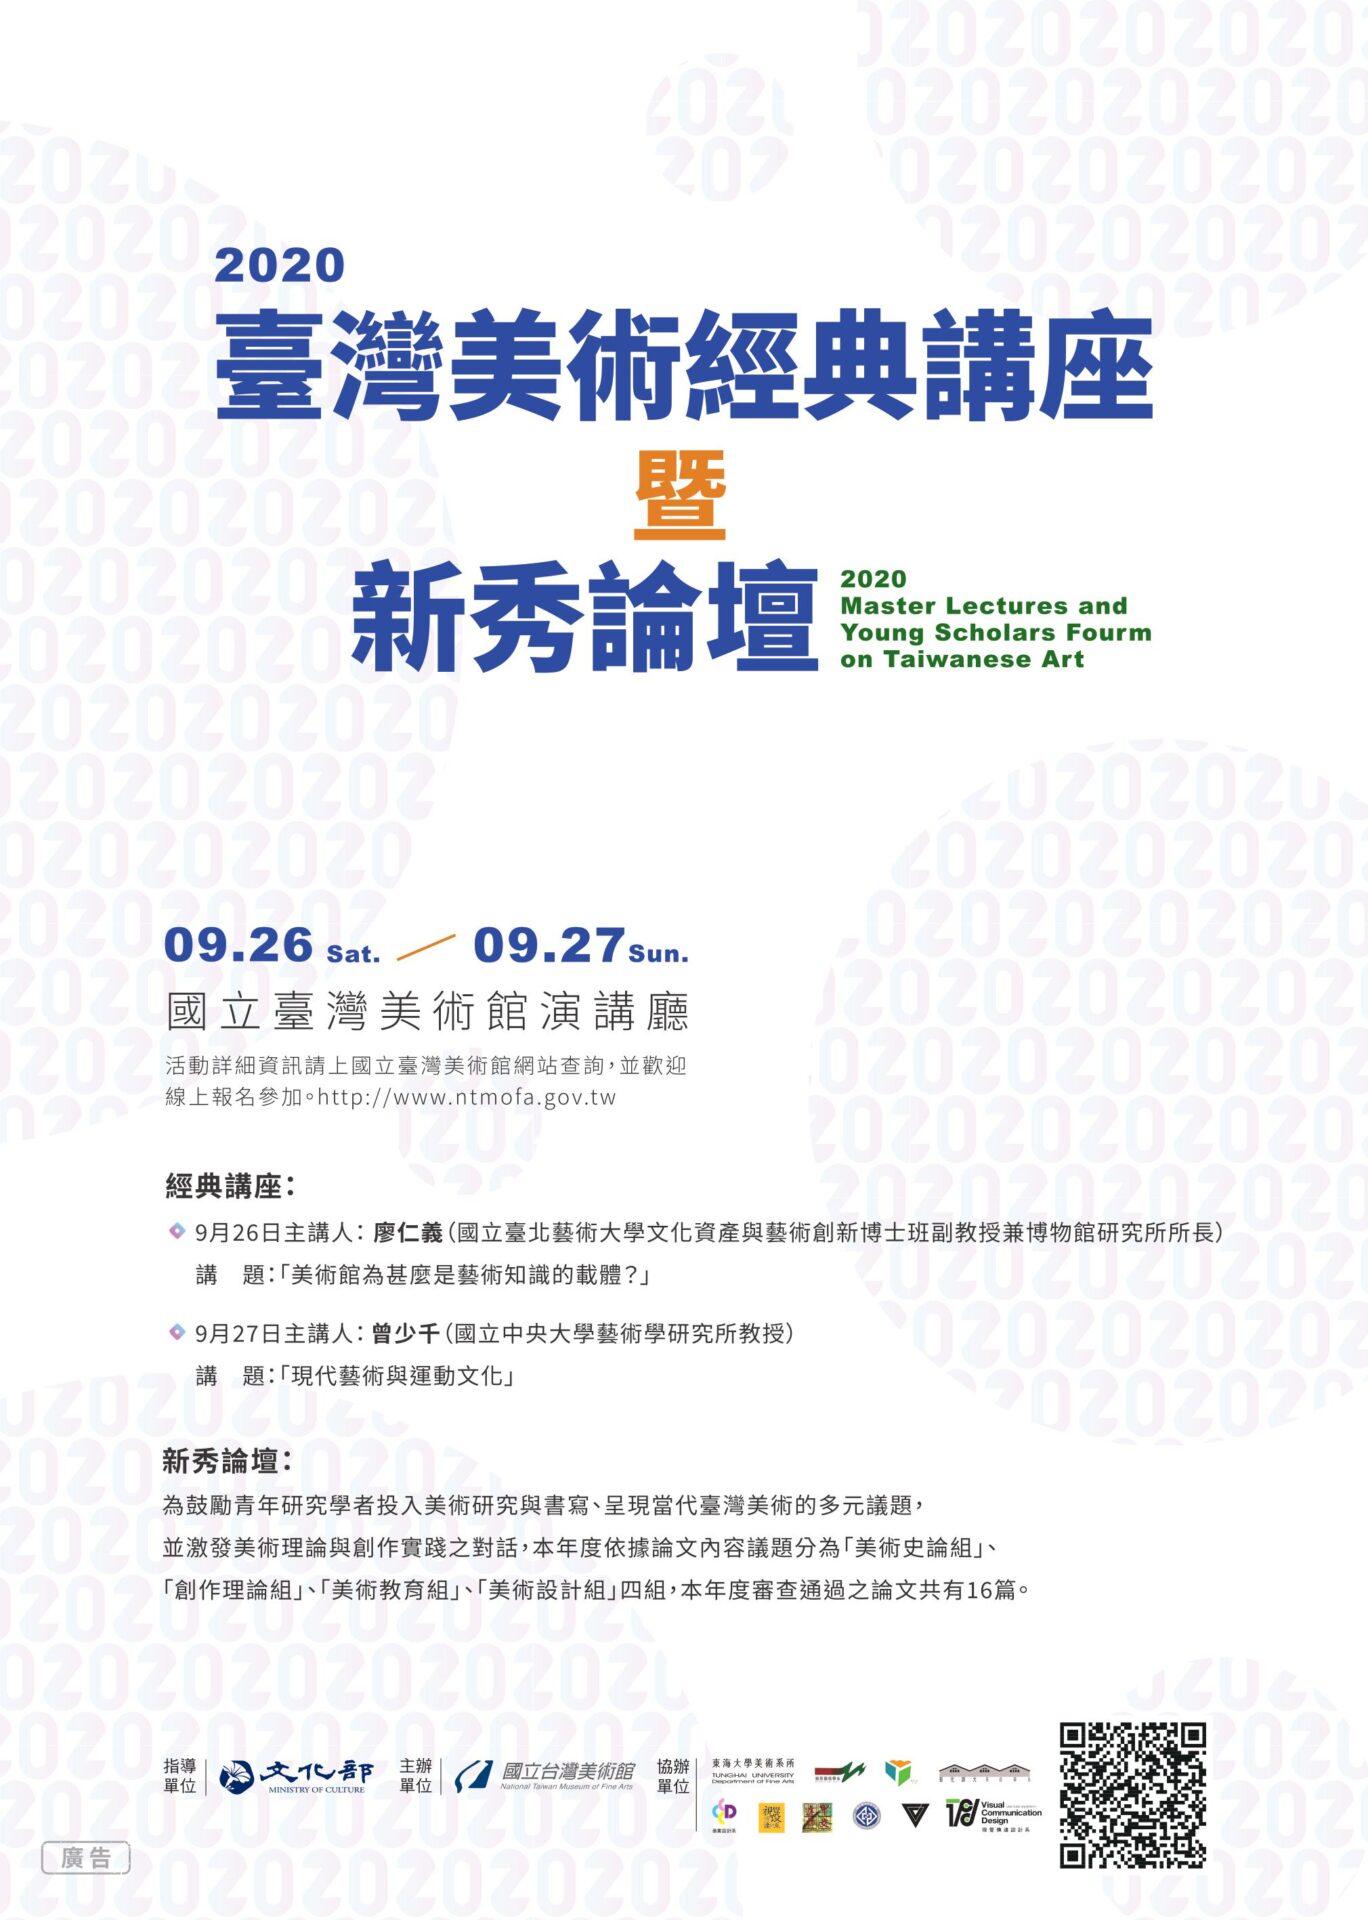 國立臺灣美術館:2020/09/26-09/27【2020臺灣美術經典講座暨新秀論壇】